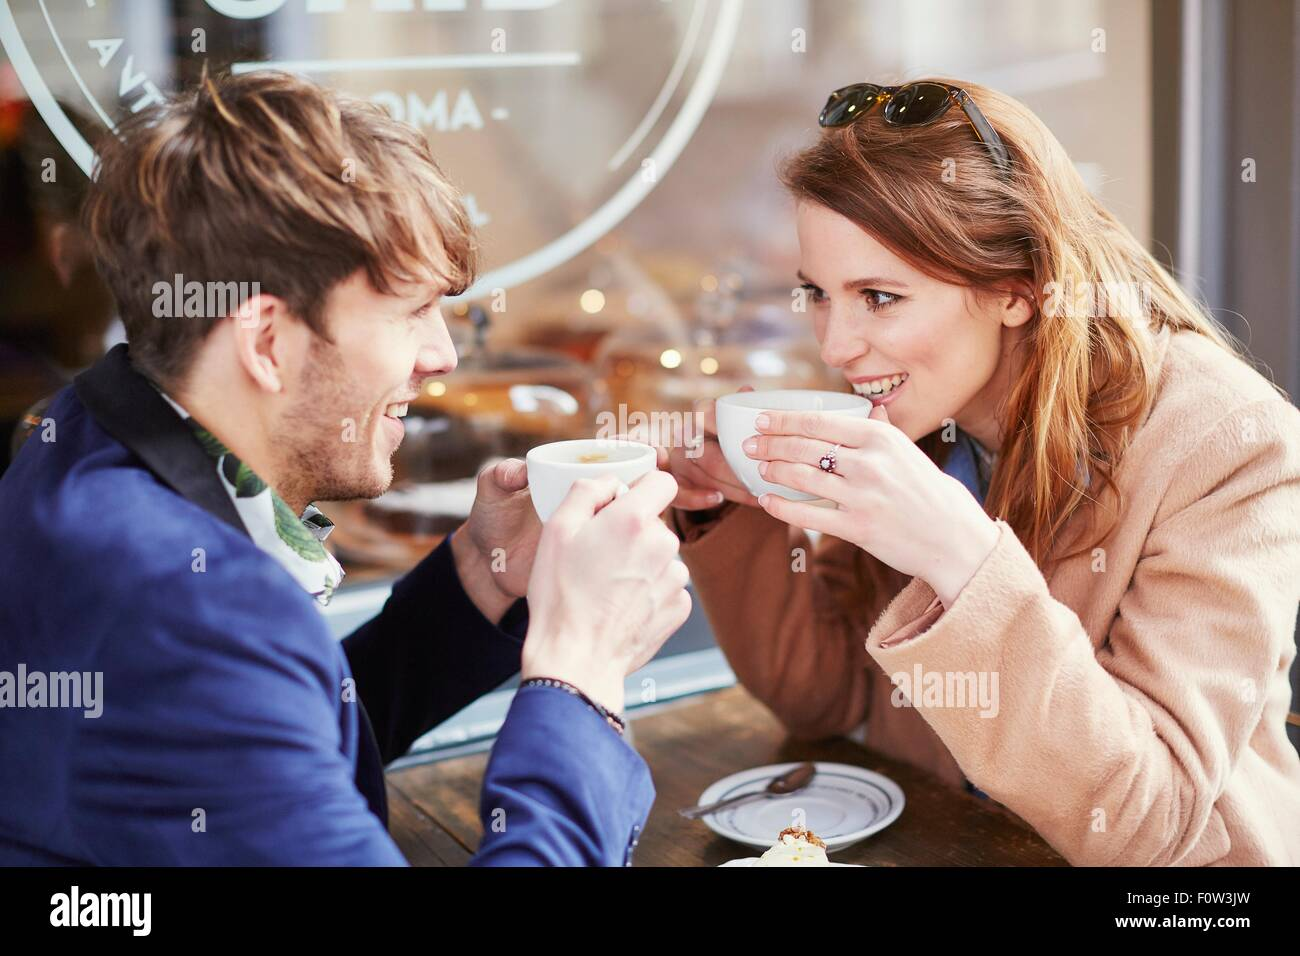 Paar, trinken Kaffee im Straßencafe, London, UK Stockbild